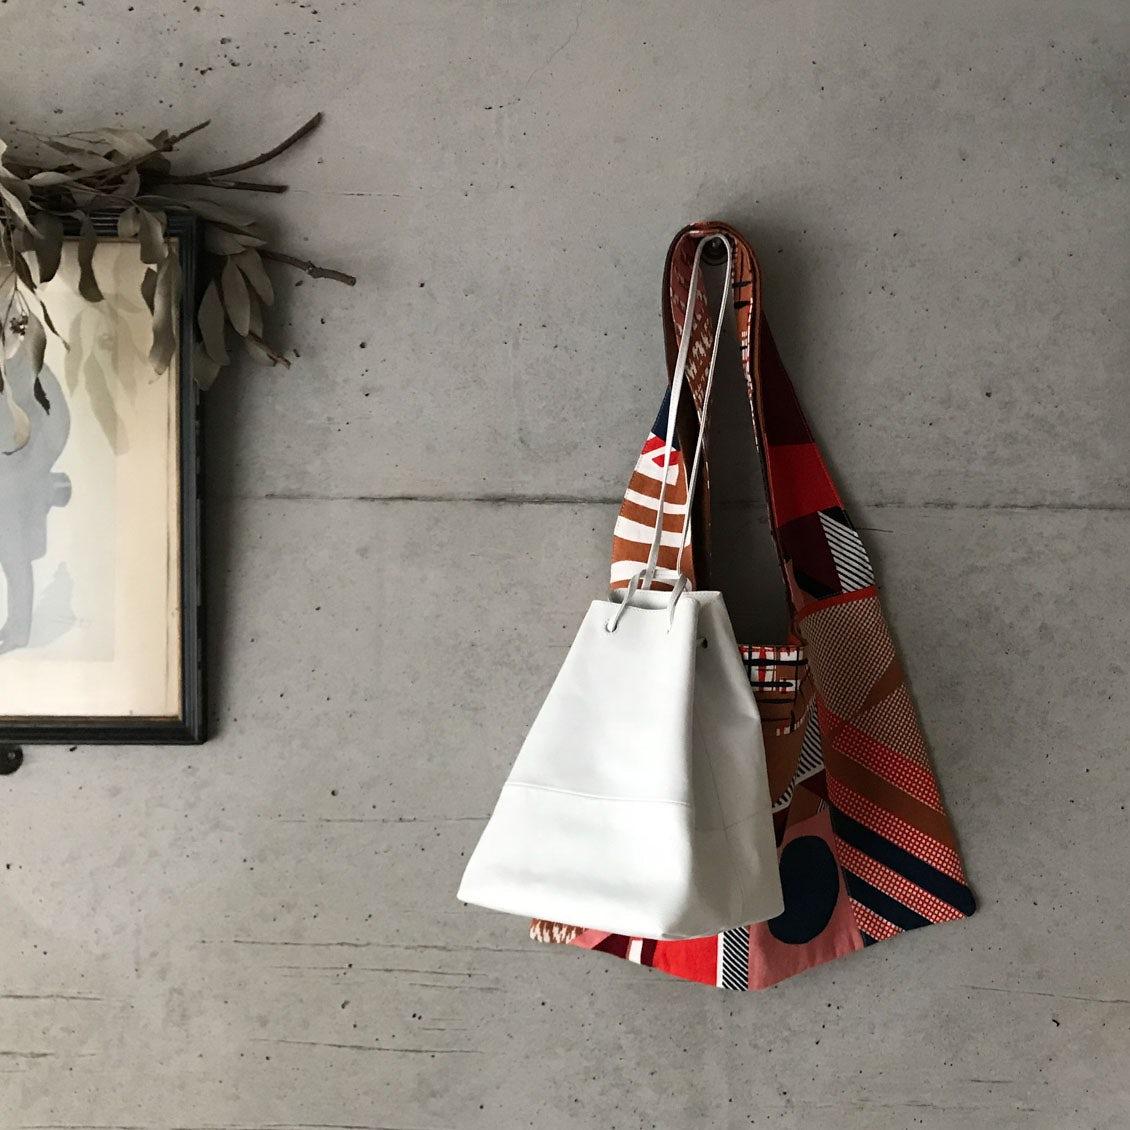 【あの人のバッグ】ときめくアクセサリーから香りアイテムまで。人気ブランドプレスの「バッグの中身」(山野内裕紀子さん)